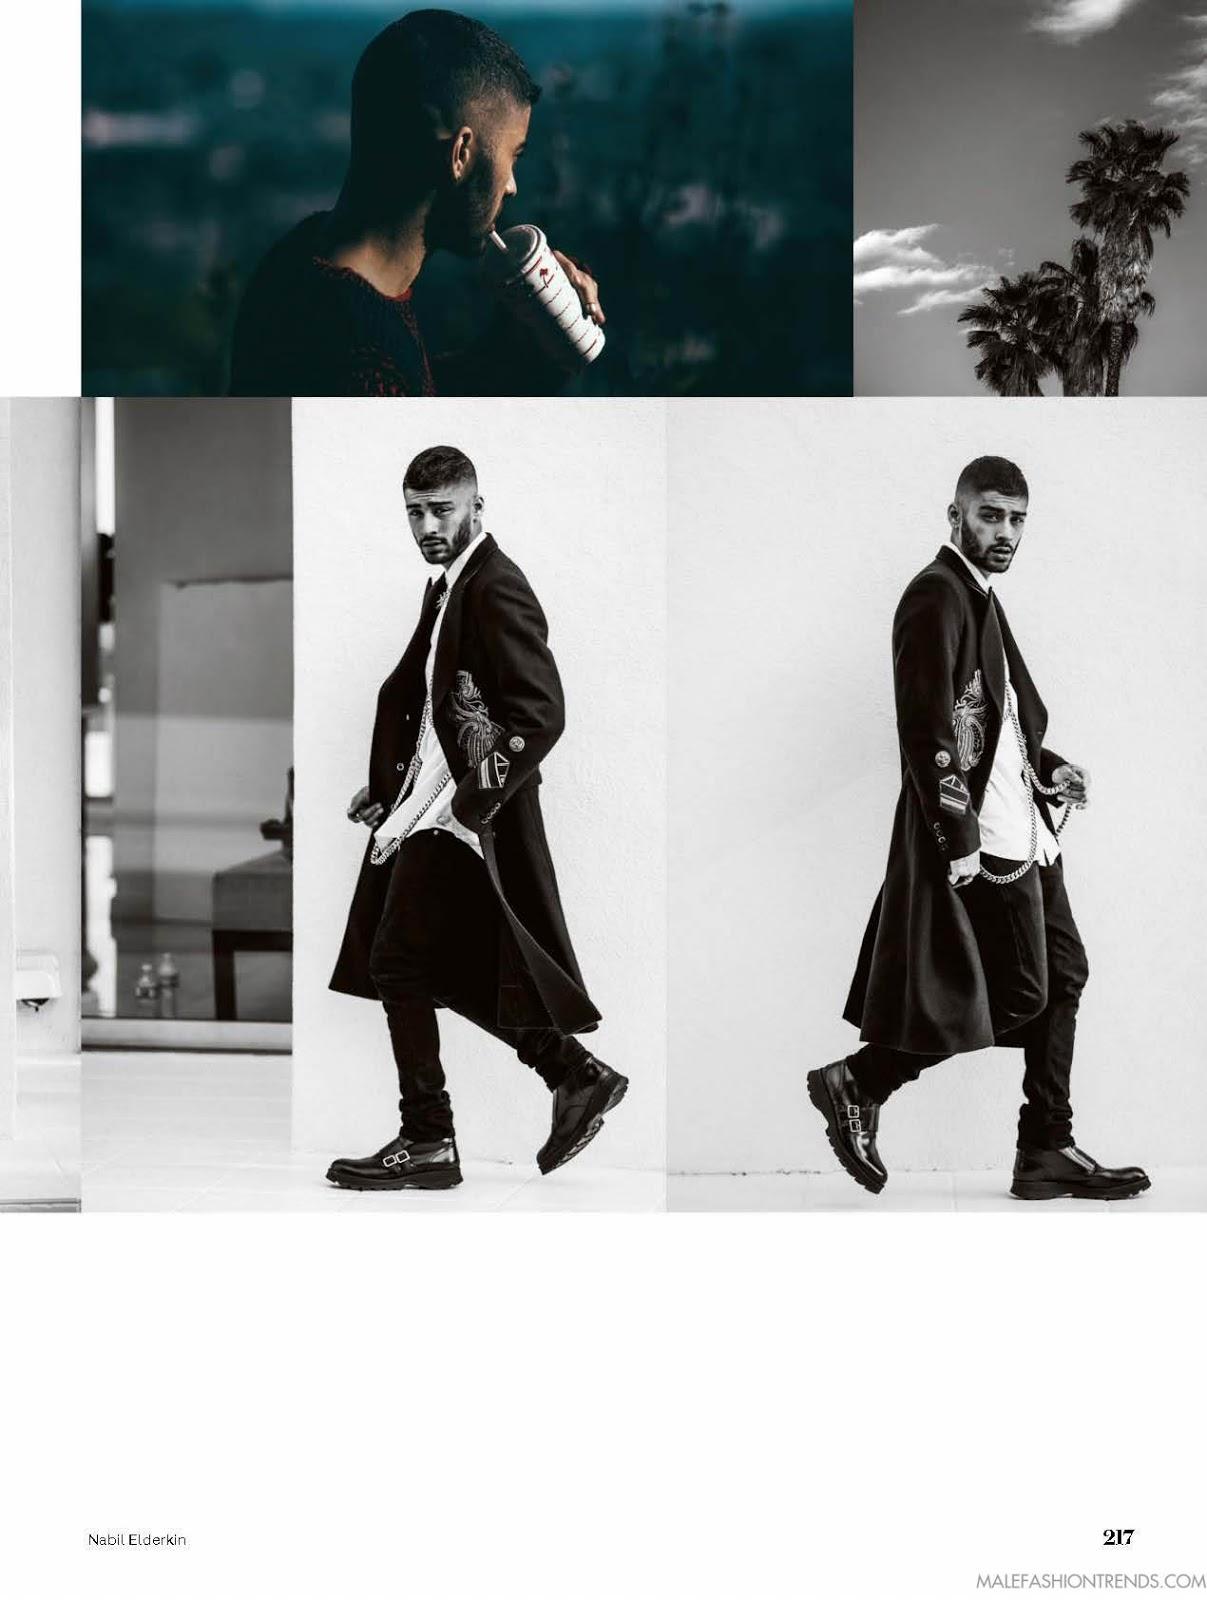 Zayn Malik en portada de ELLE UK Septiembre 2016 - Male